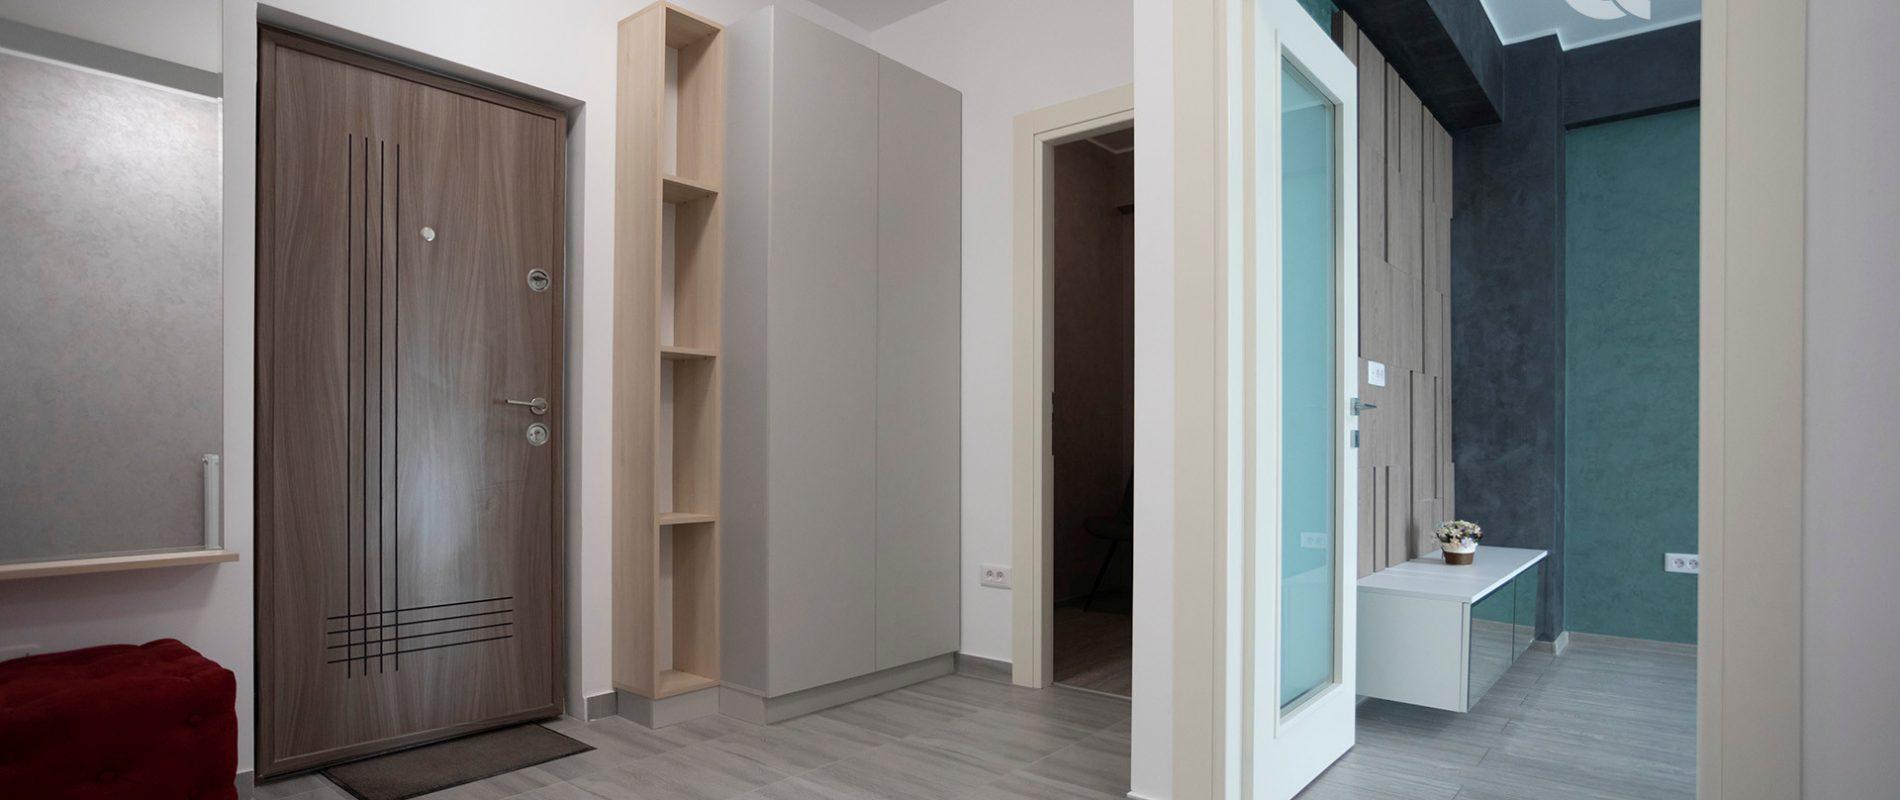 q-residence.ro-apartament-cu-doua-camere-hol-09